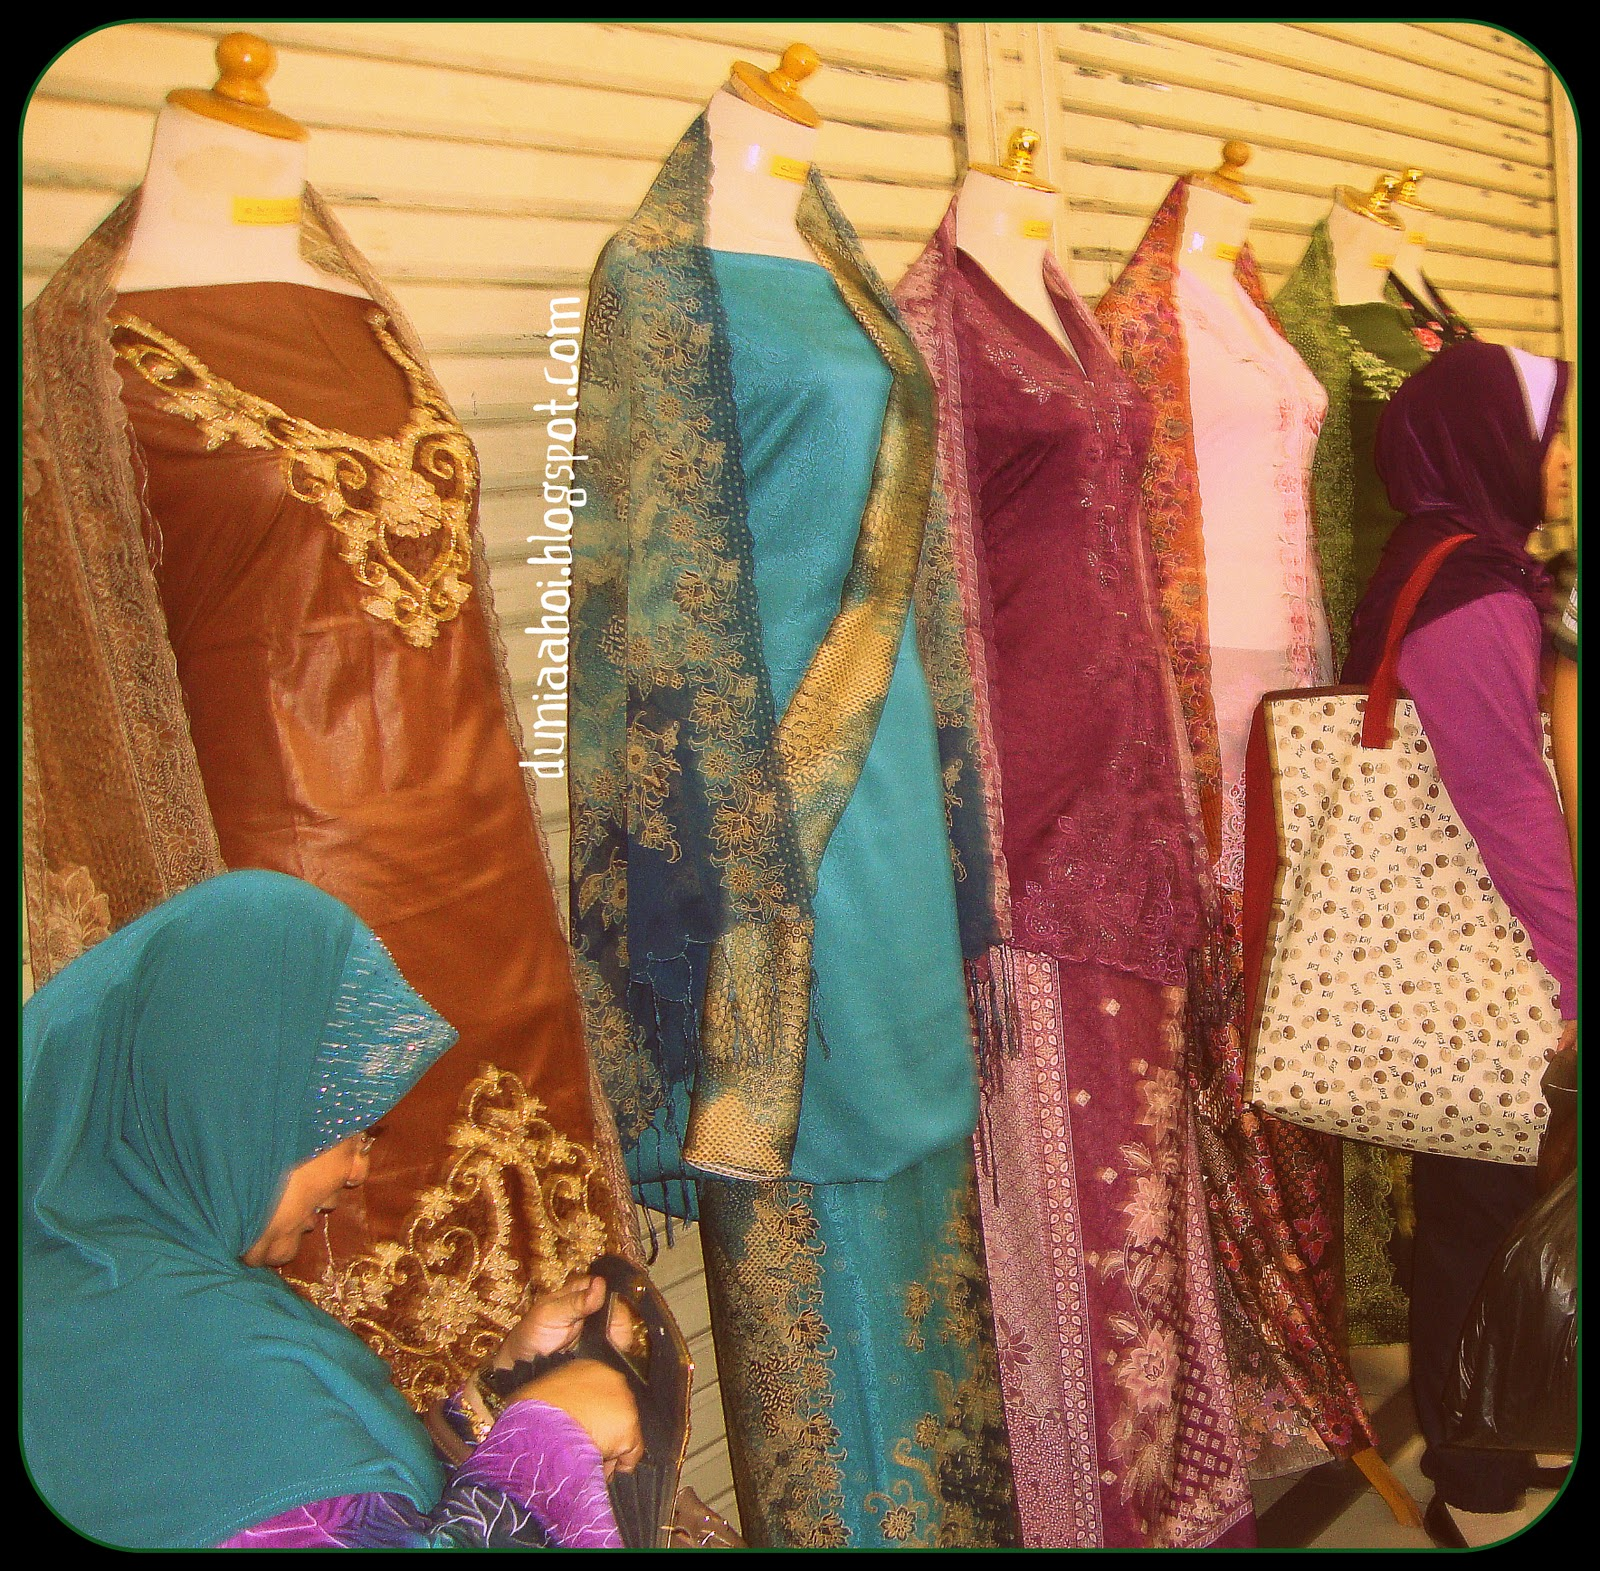 Baju murah pasar baru tas wanita murah toko tas online Baju gamis pasar baru bandung